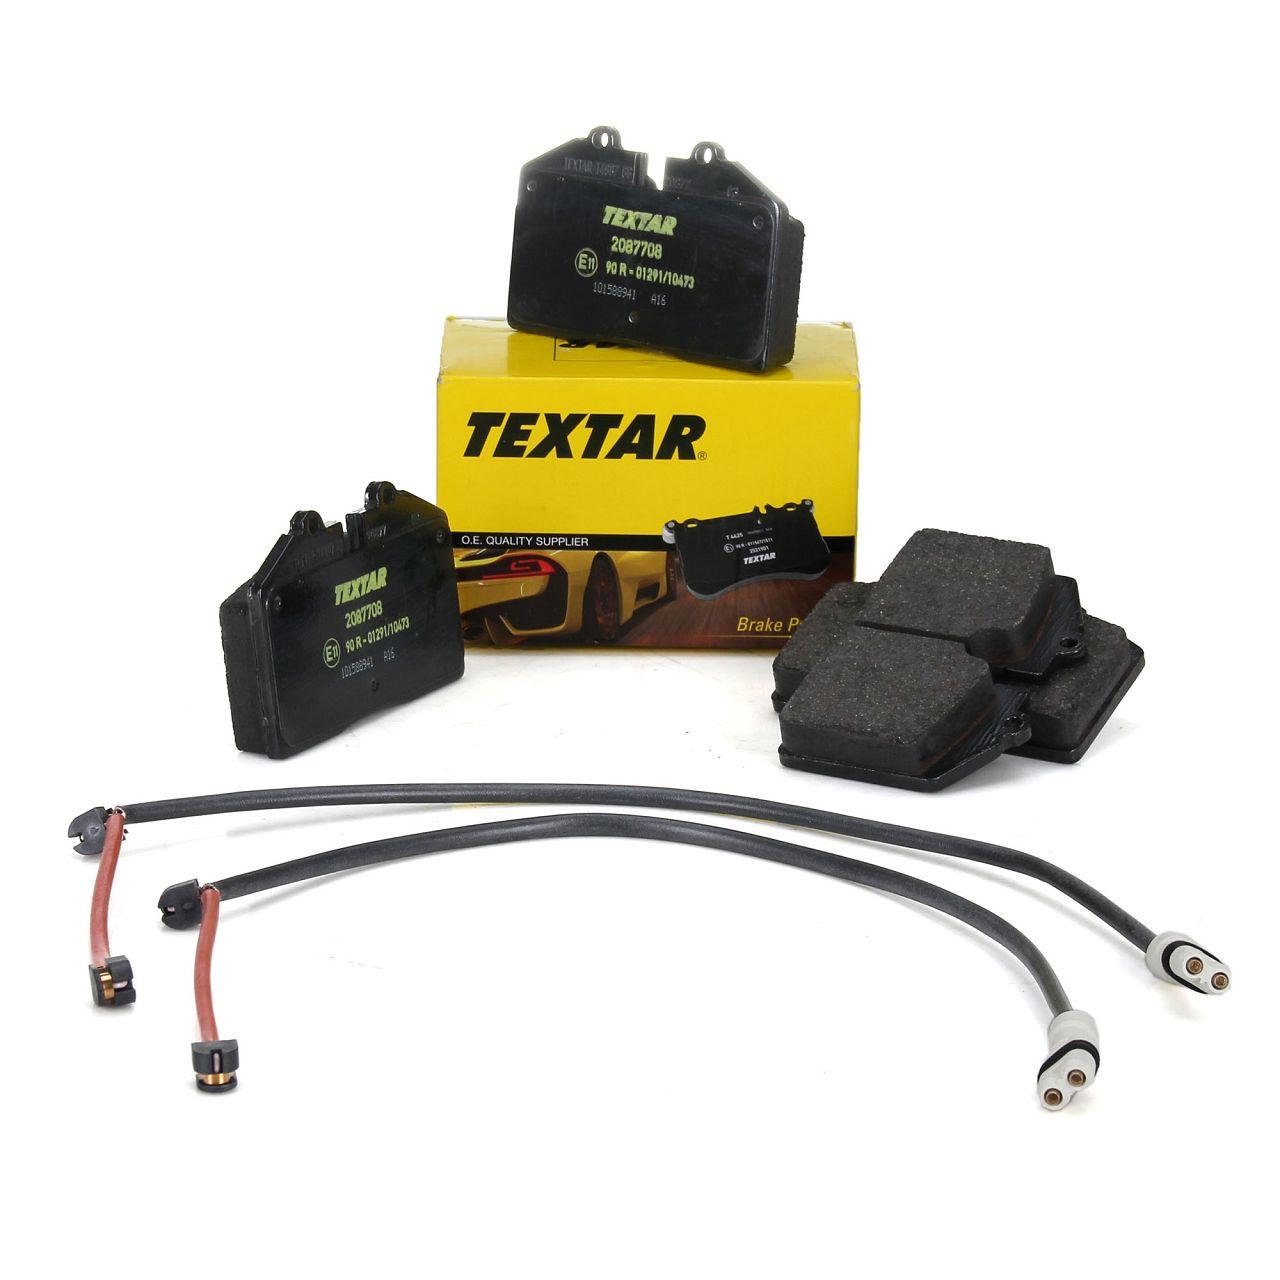 TEXTAR 2087708 Bremsbeläge + Wako PORSCHE 964 3.6 Carrera + 968 3.0 / Turbo S vorne